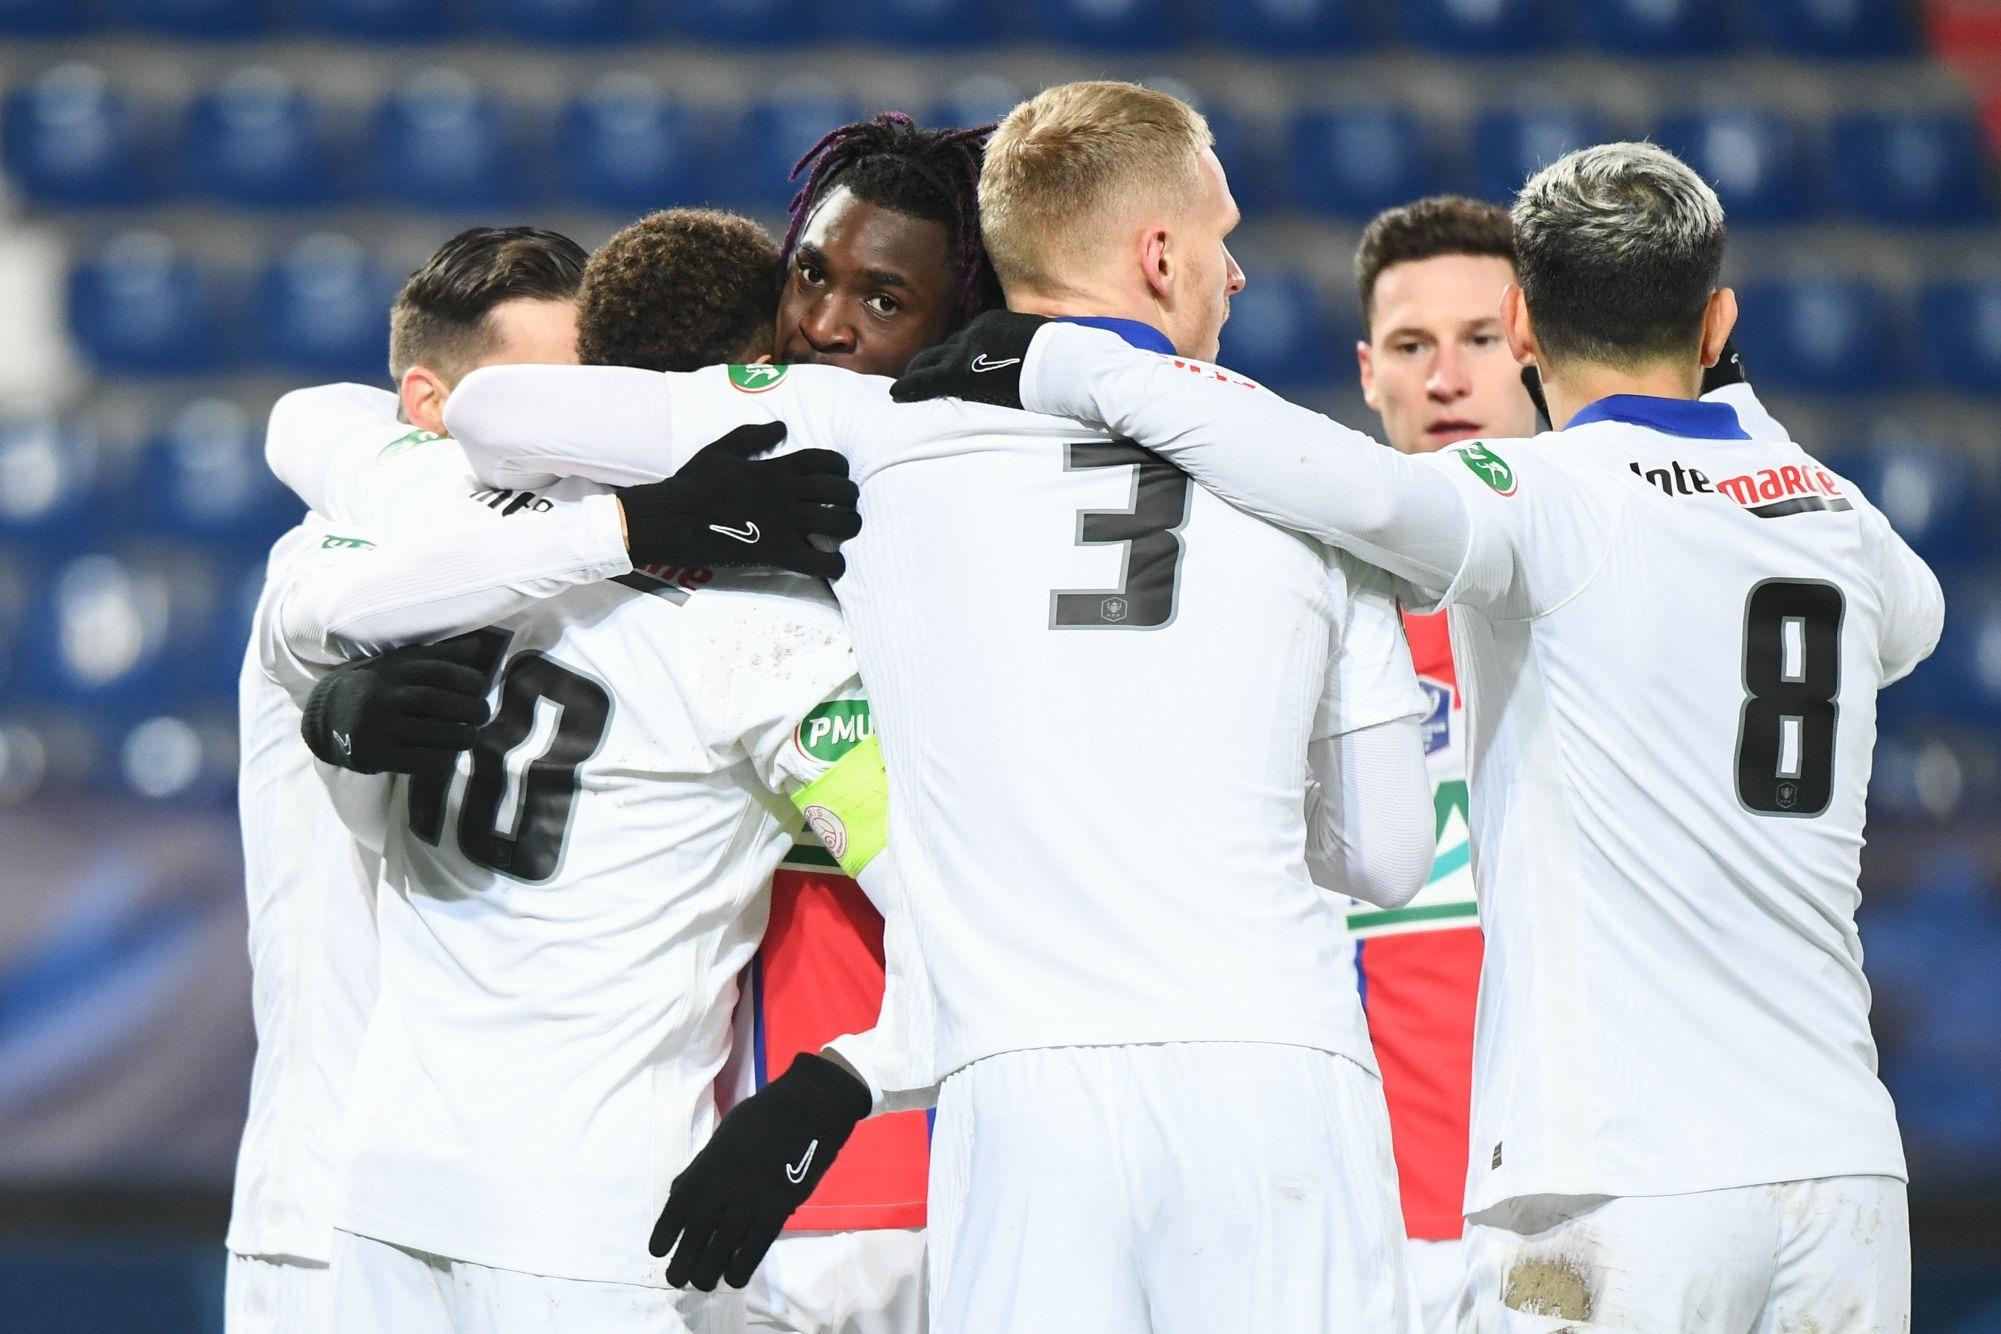 Revivez la victoire du PSG contre Caen au plus près des joueurs